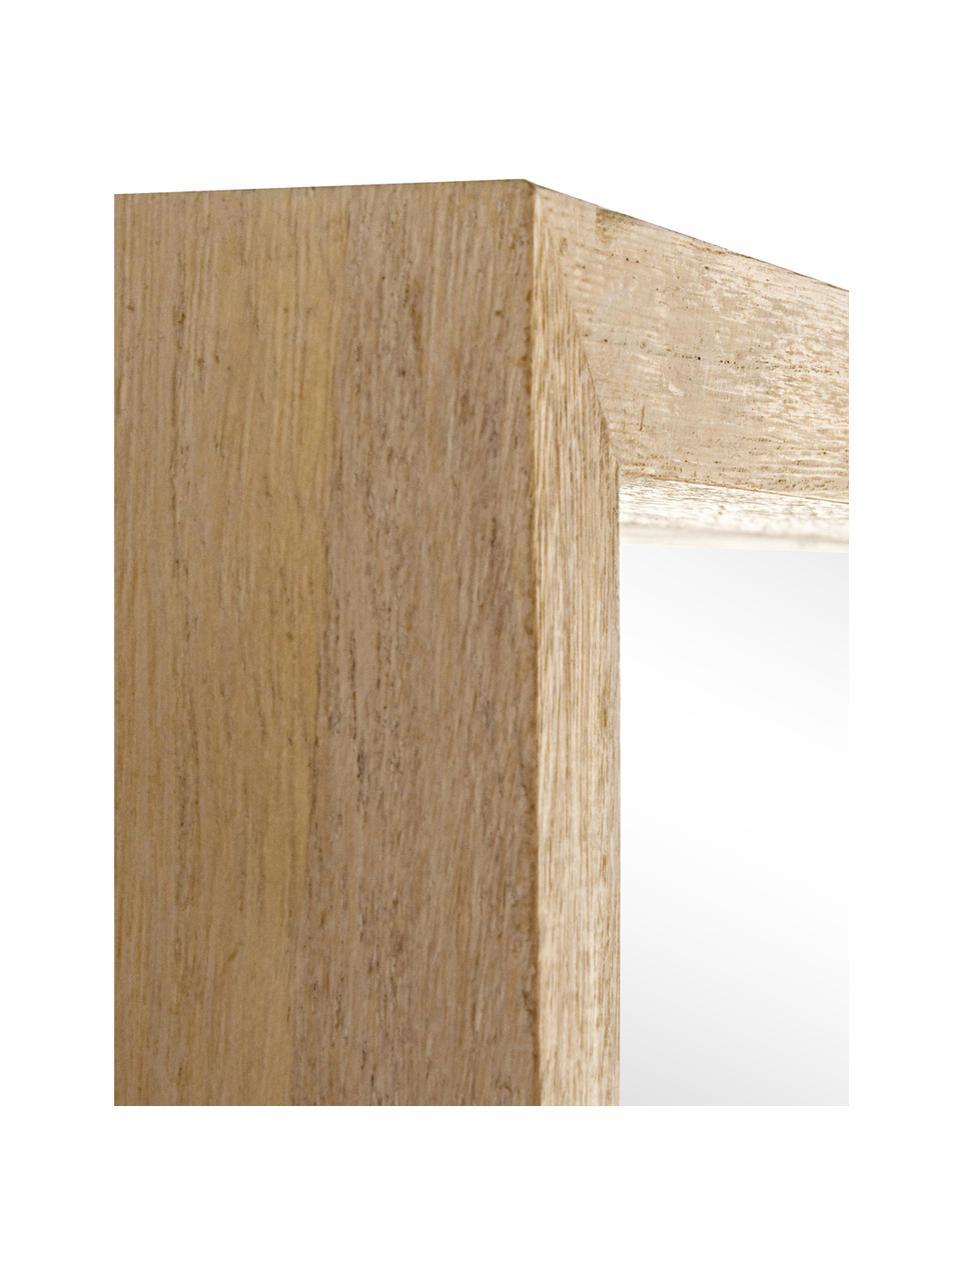 Lustro ścienne z drewna Tiziano, Drewno paulownia, S 52 x W 52 cm